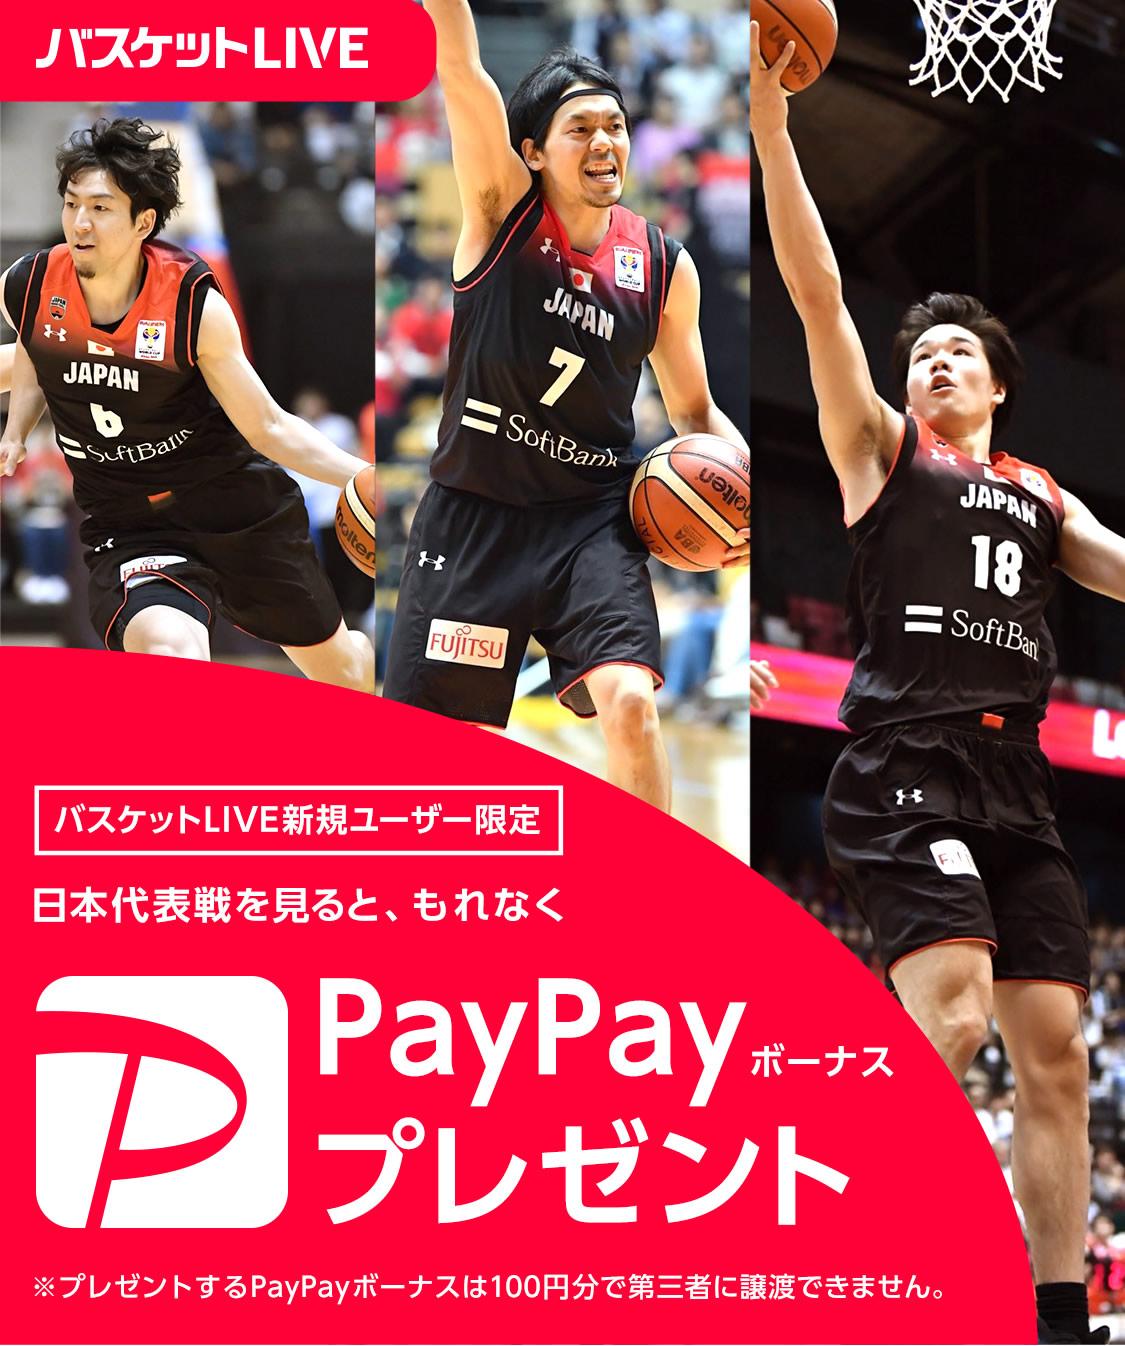 バスケットLIVEの動画を見ると、PayPay100円分がもれなく貰える。ソフトバンク、ワイモバイル、Yahoo!プレミアム限定。~9/10。